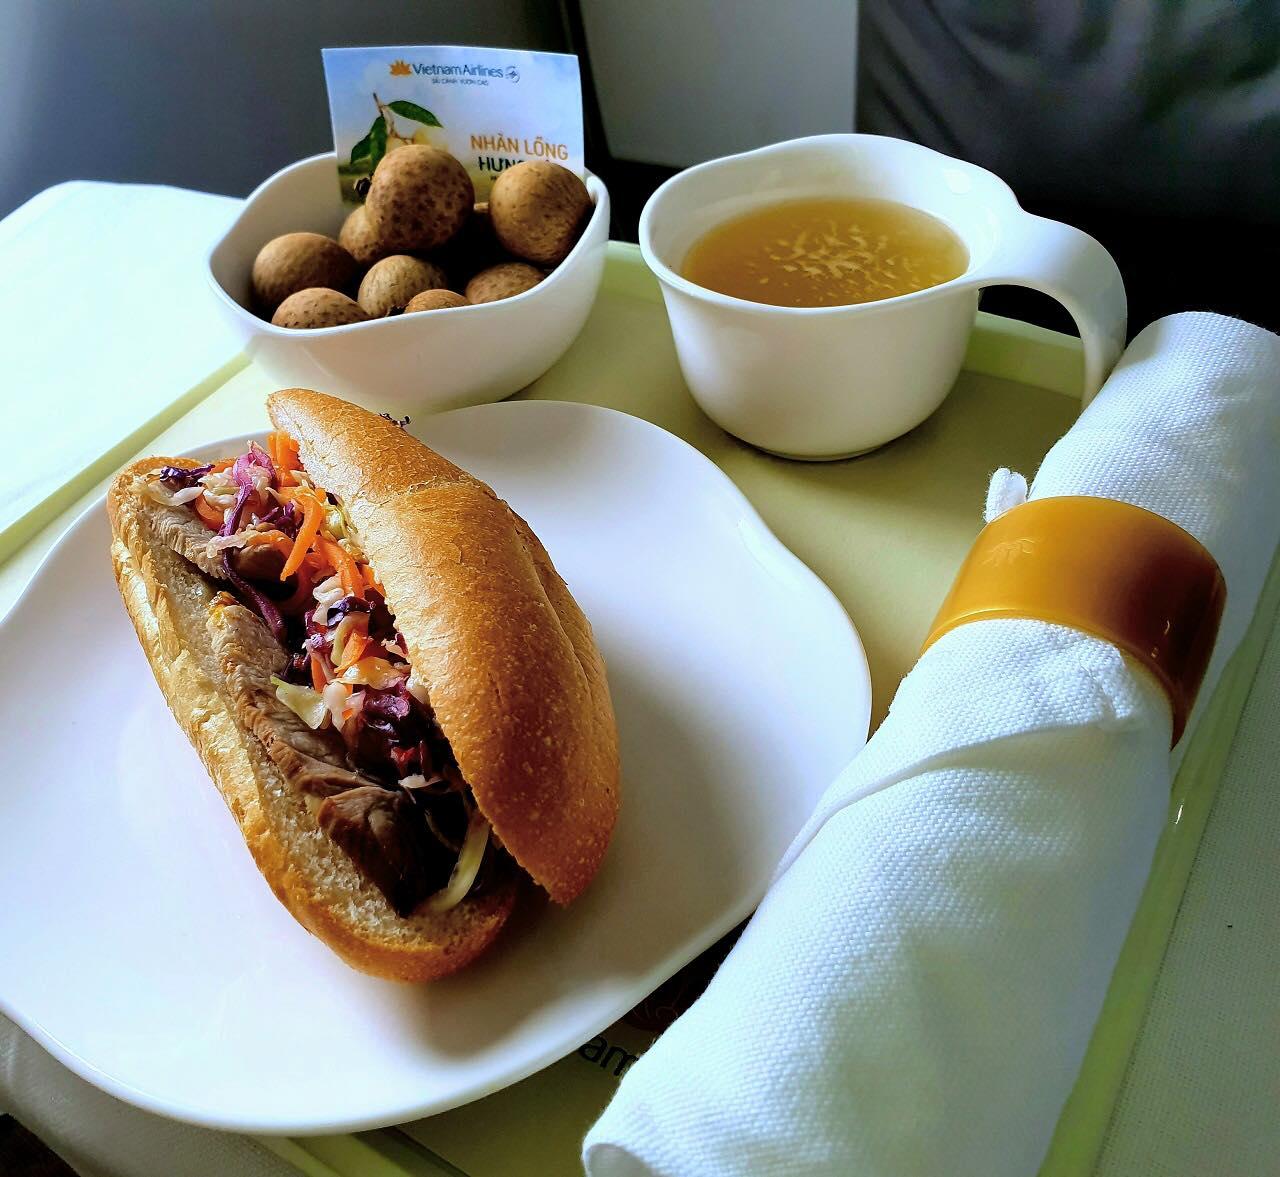 Từ 1/9 'bánh mì Việt Nam' sẽ cất cánh cùng chuyến bay của Vietnam Airlines